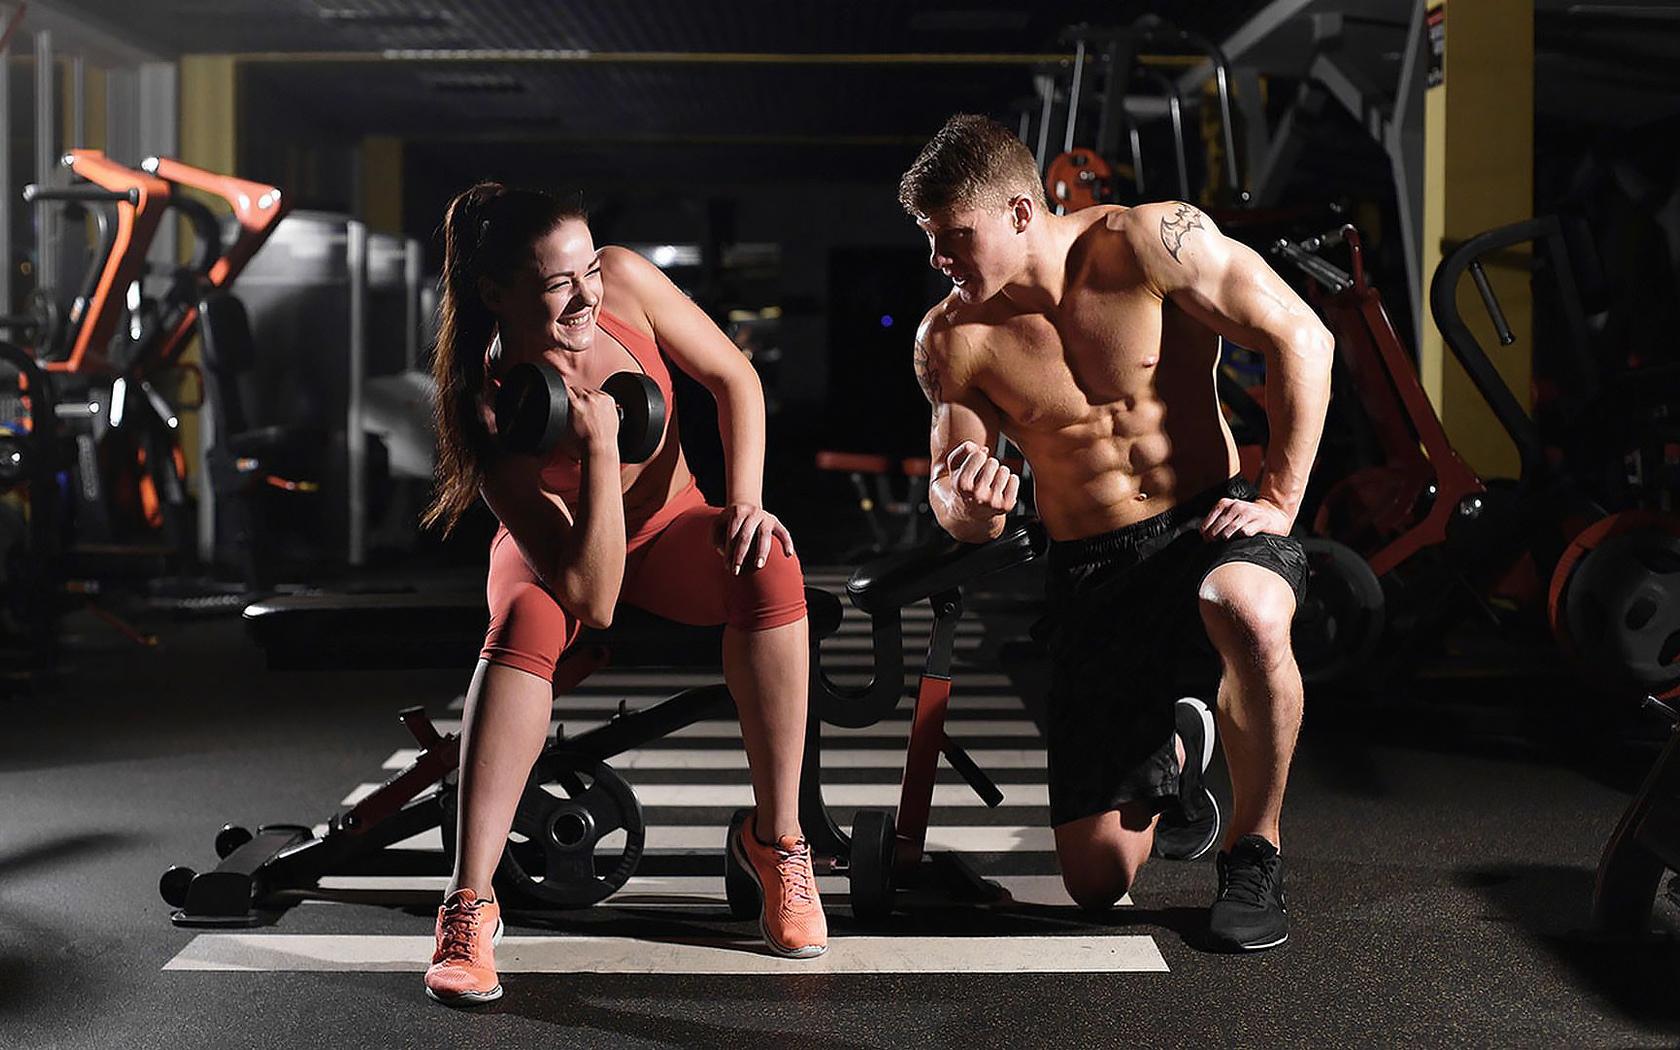 Мужская спортивная одежда для фитнеса:  советы по выбору+фото   модные новинки сезона